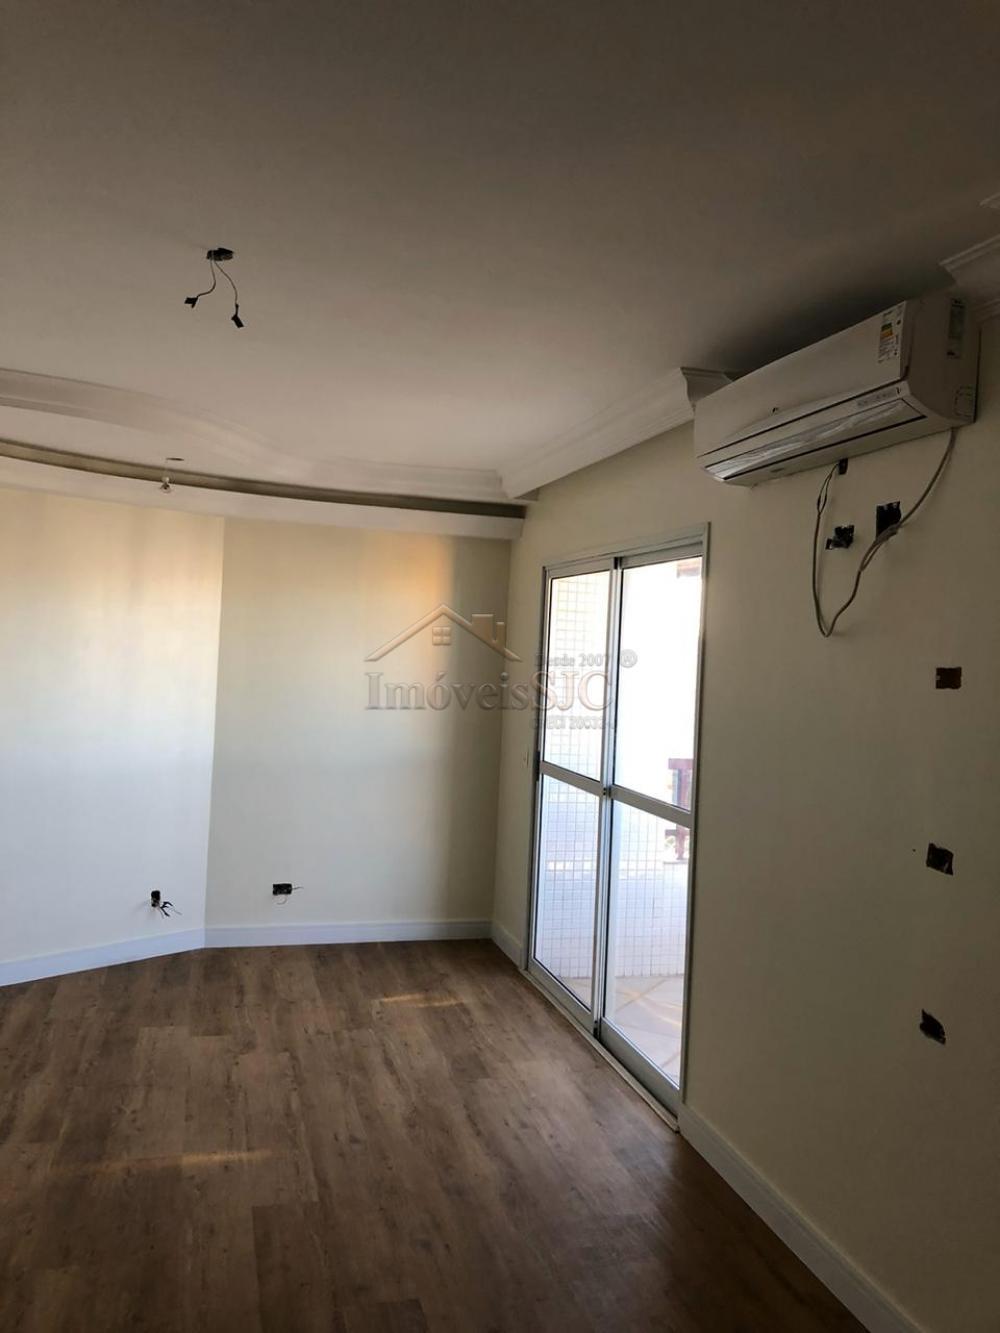 Alugar Apartamentos / Cobertura em São José dos Campos apenas R$ 3.300,00 - Foto 1